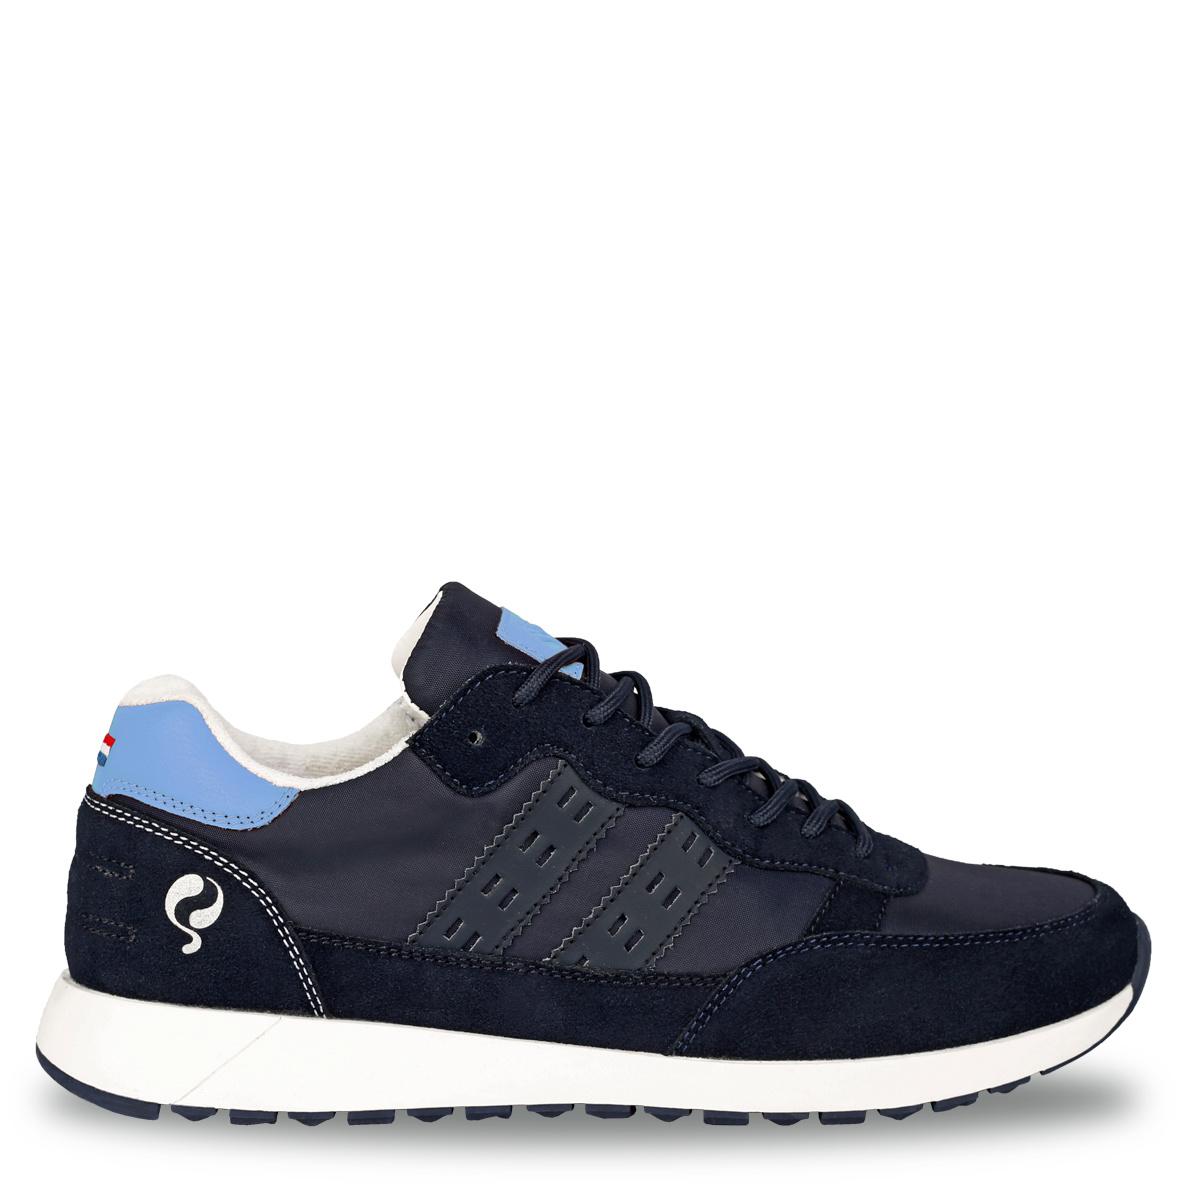 Heren Sneaker Voorschoten - Donkerblauw/Lichtblauw